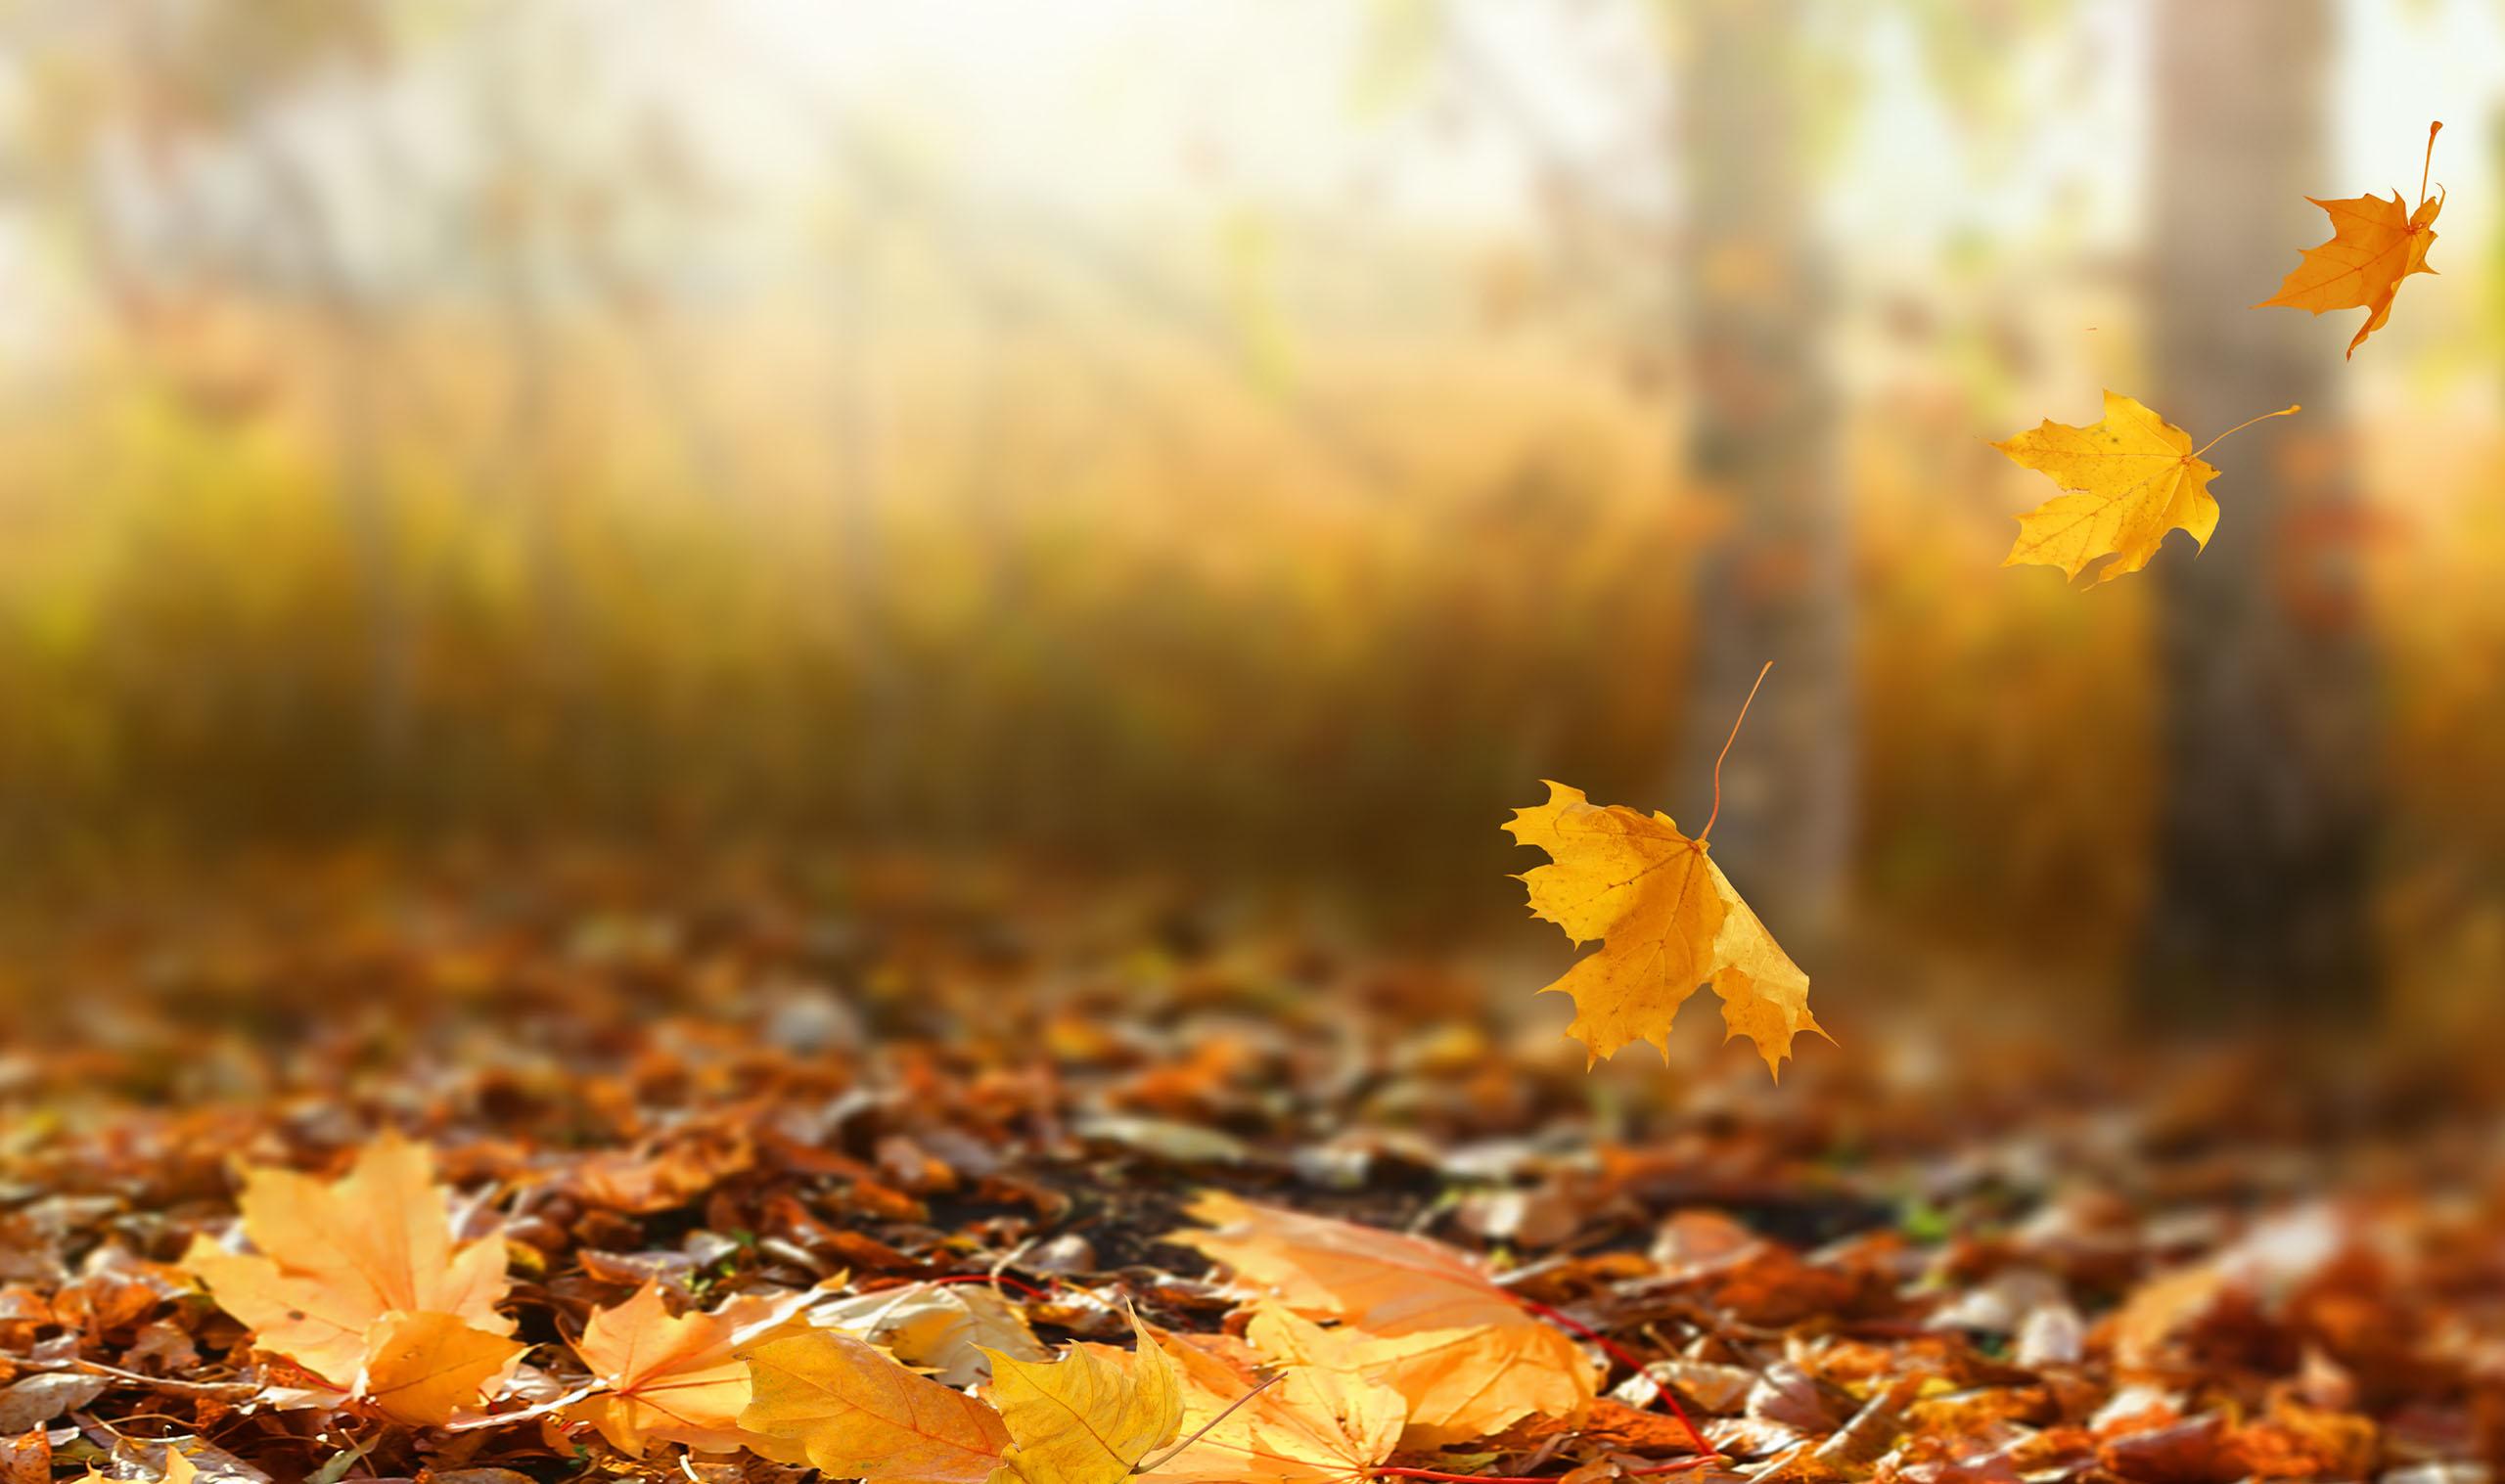 Hình ảnh lá mùa thu cực đẹp